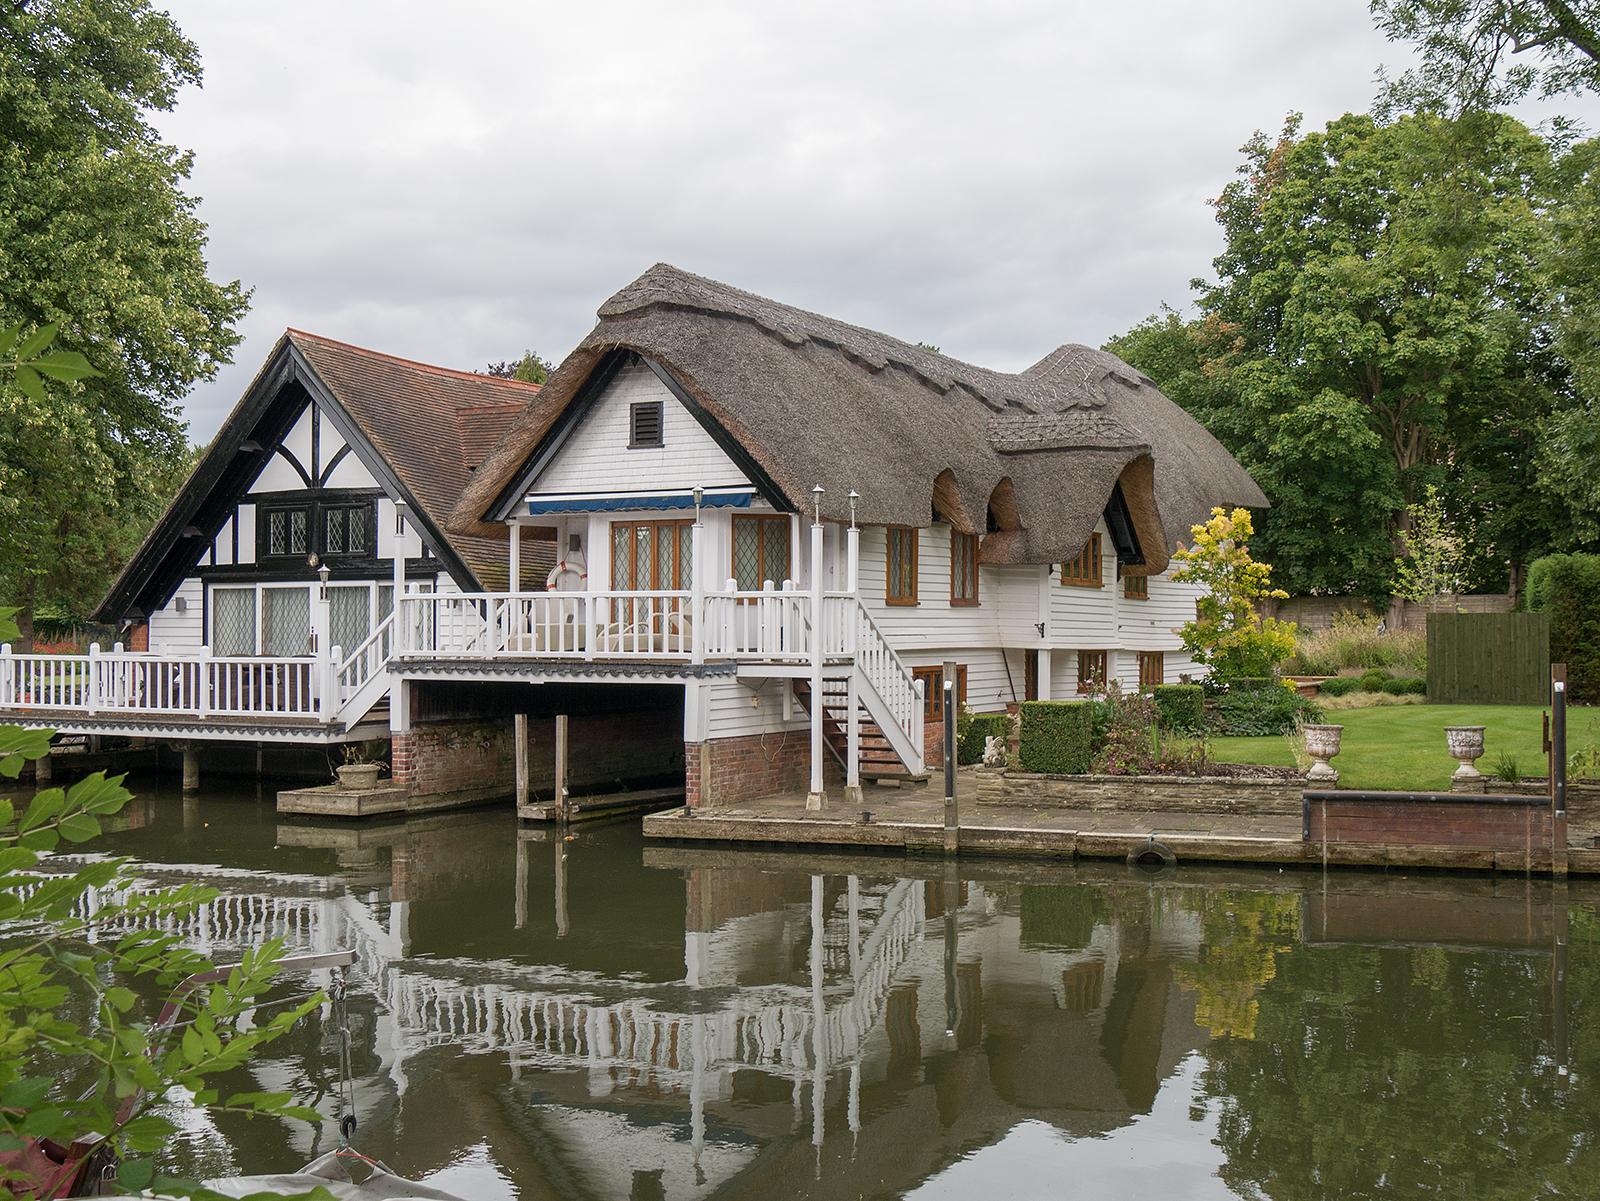 Riverside house at Goring Lock